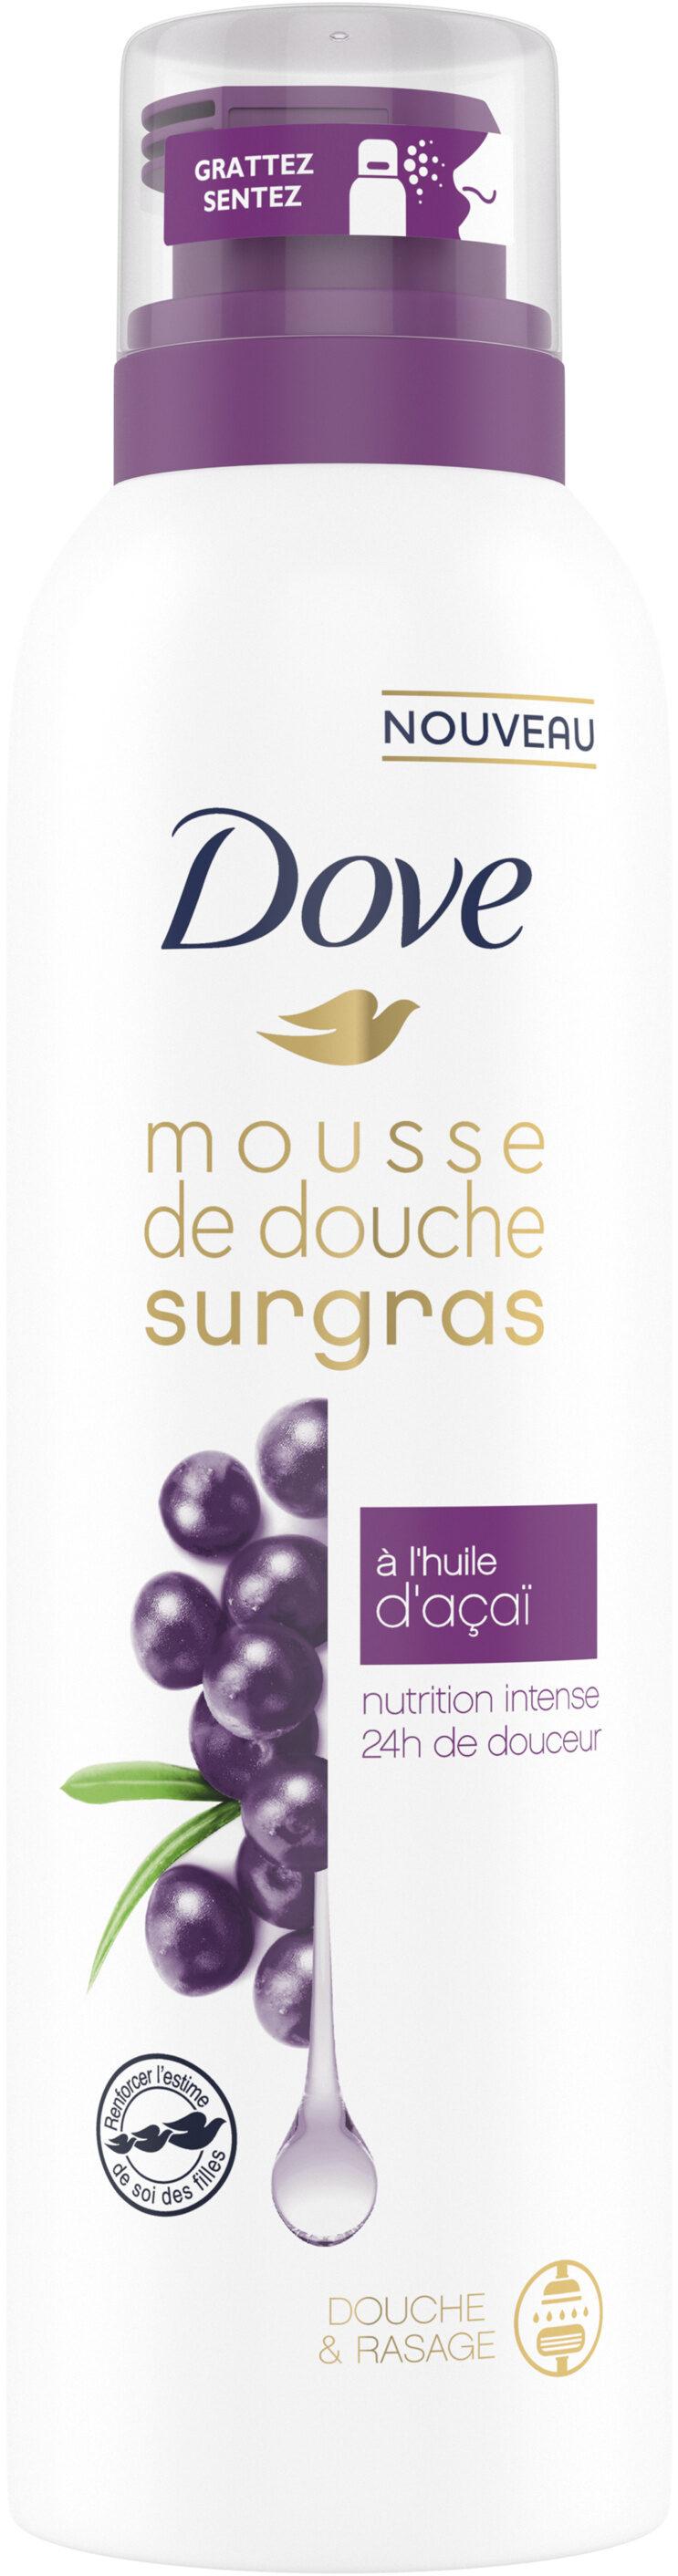 Dove Surgras Gel Douche Mousse Infusée à l'Huile d'Açaï 24H de Douceur - Product - fr